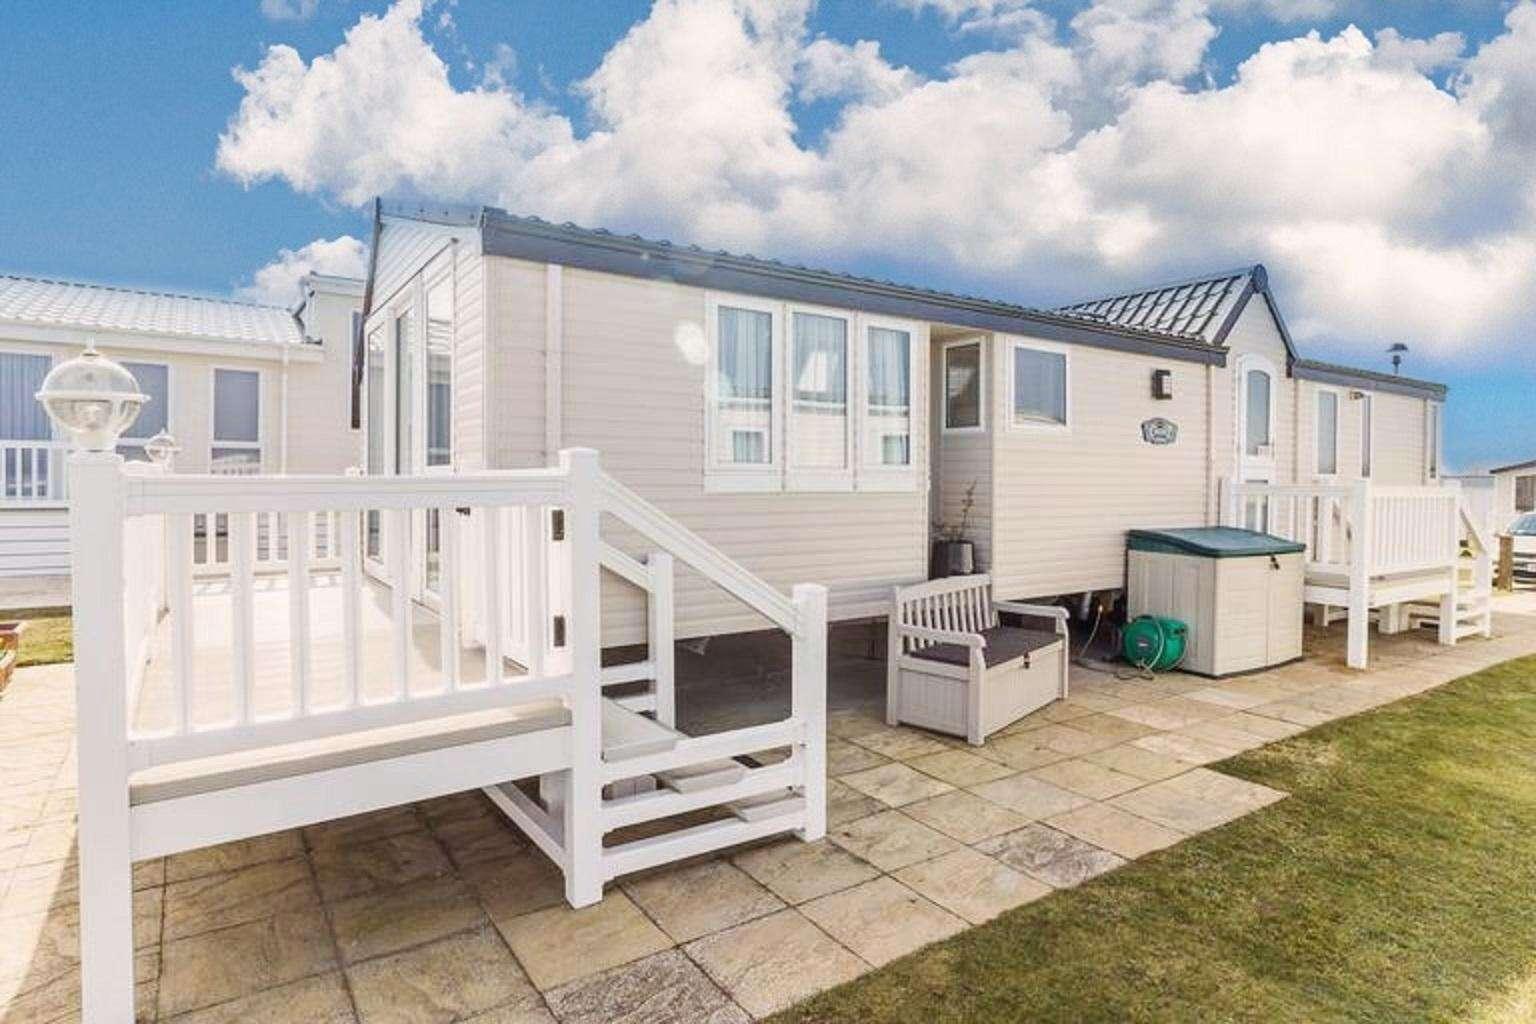 4 berth accommodation at Hopton Holiday Village